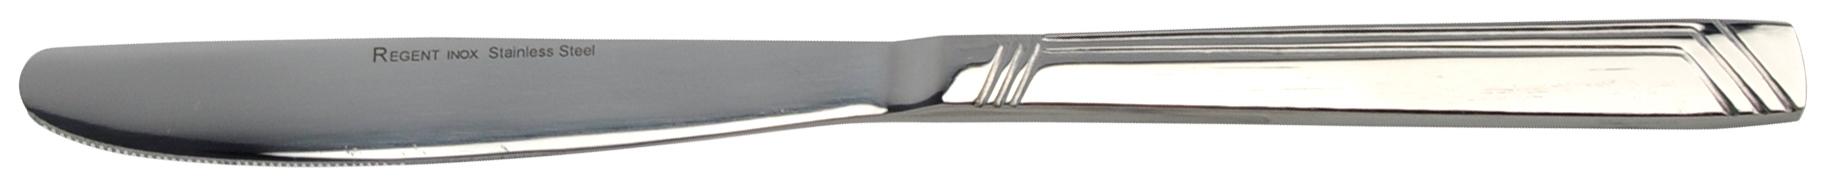 Нож столовый Regent inoxСтоловые приборы<br>Тип: нож,<br>Материал: нерж.сталь,<br>Предметов в наборе: 1,<br>Количество персон: 1<br>